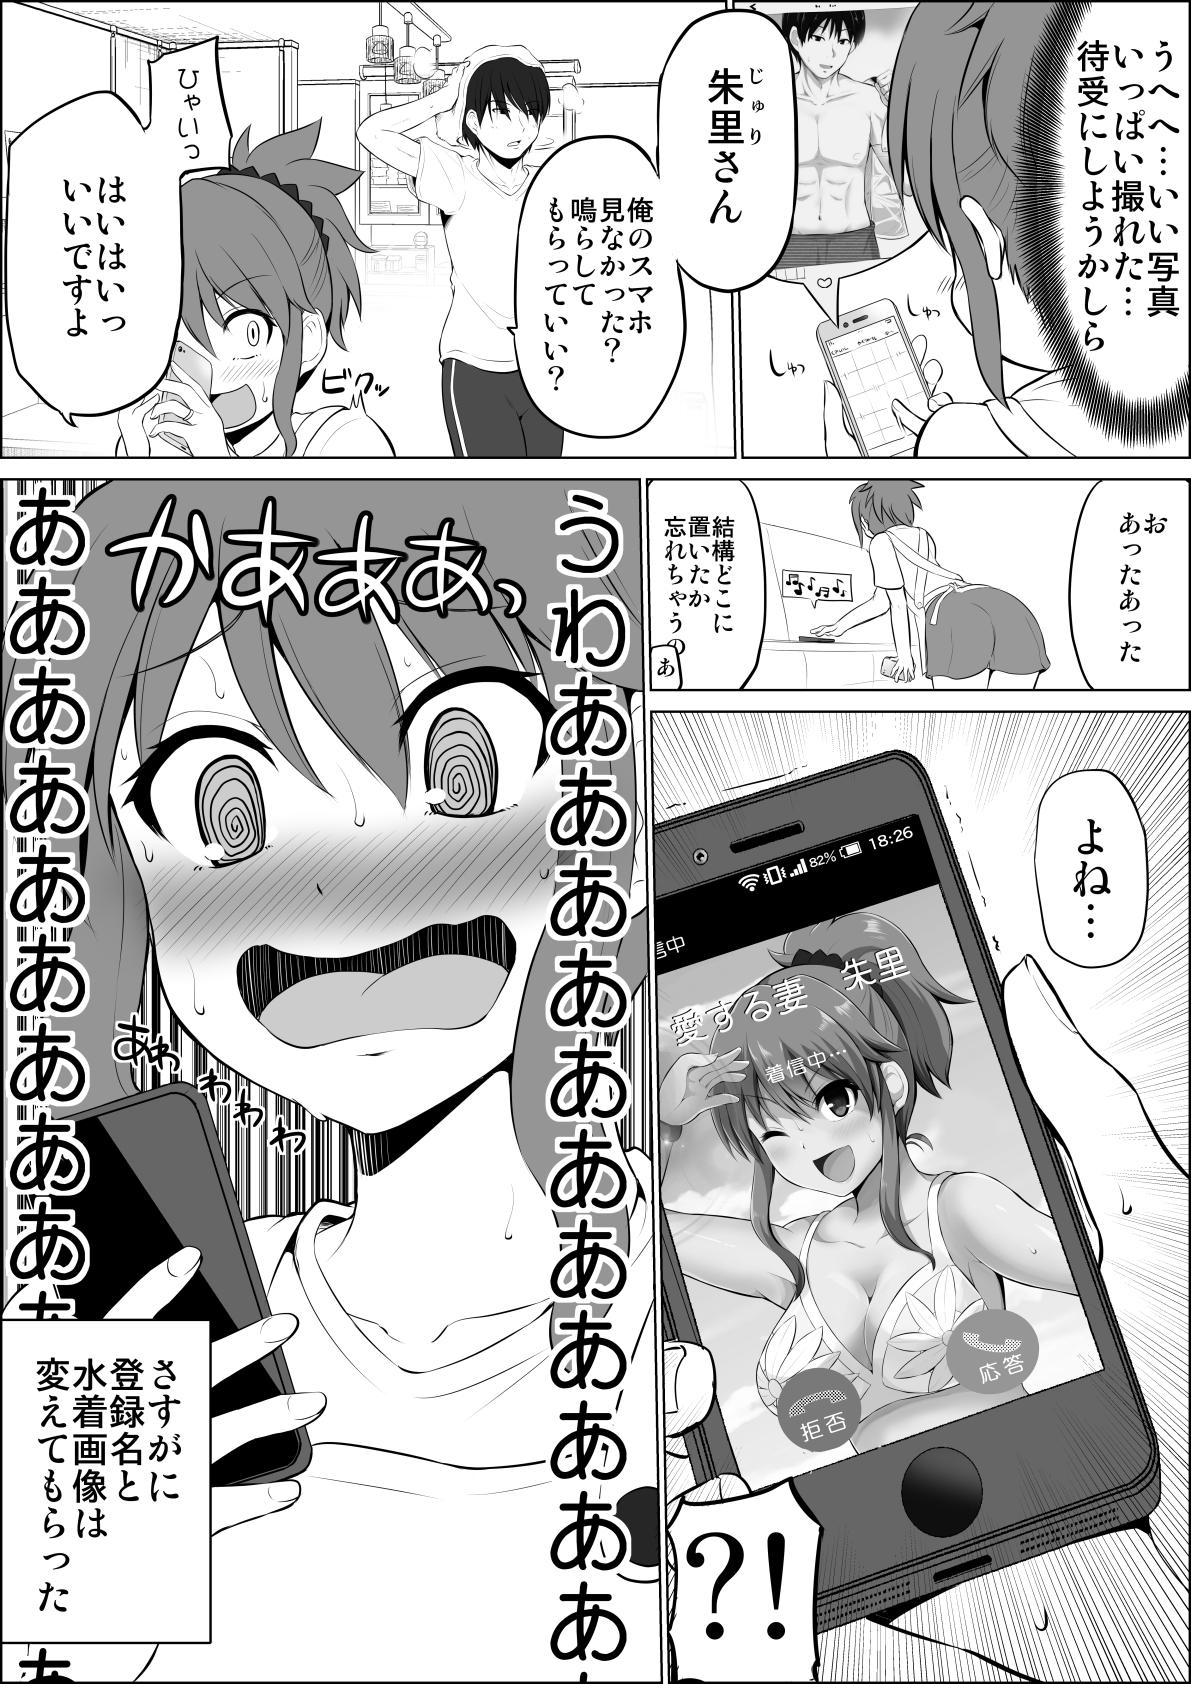 【第12話】防御力ゼロの嫁 待ち受け編